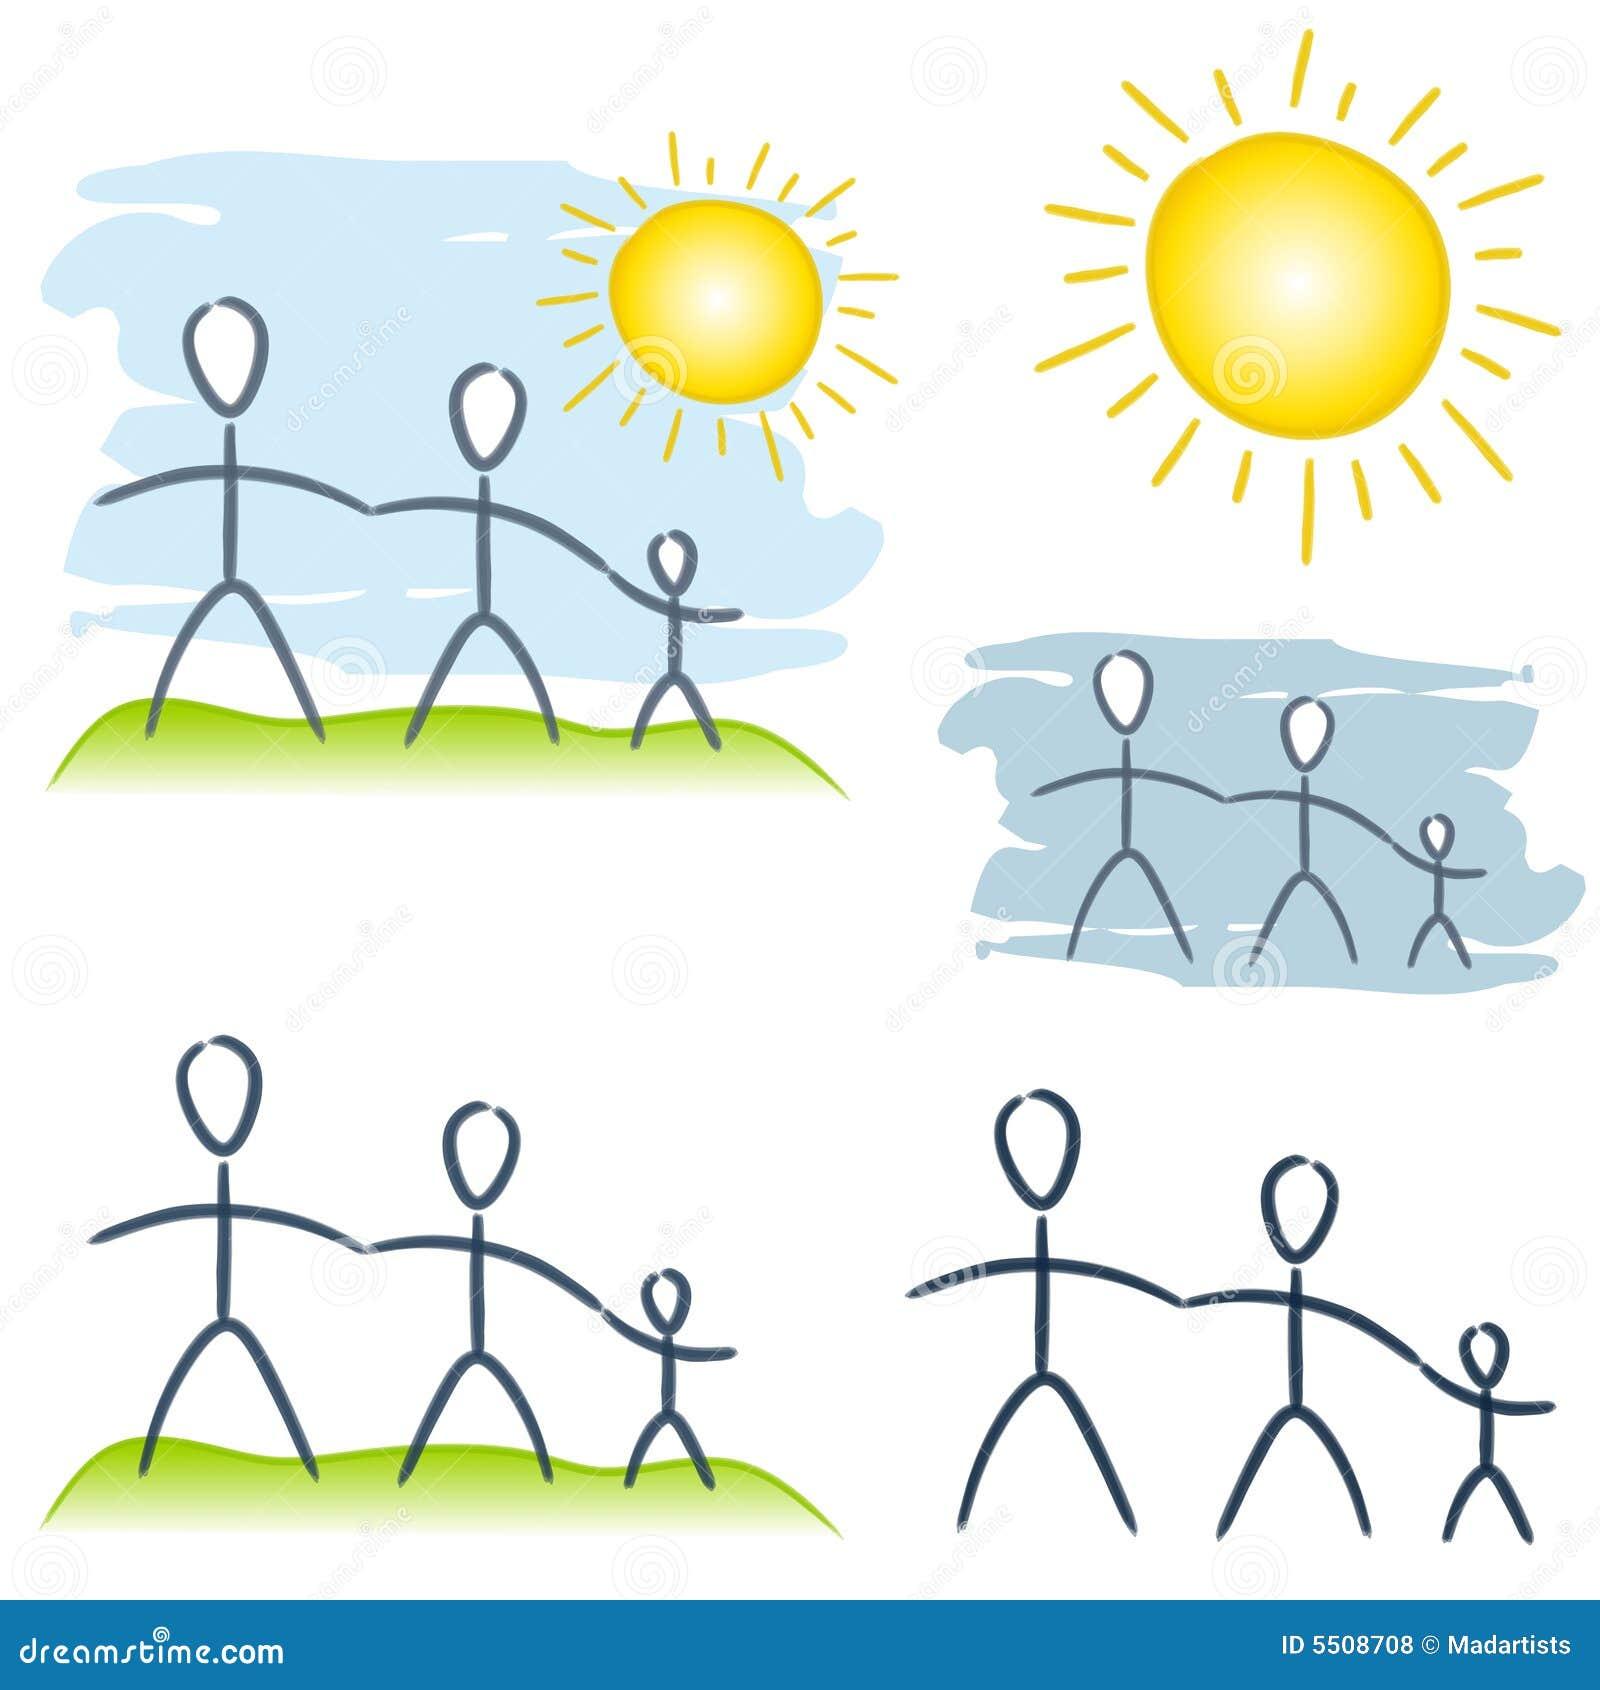 Clipart Famille clipart (images graphiques) simple d'élément de famille illustration